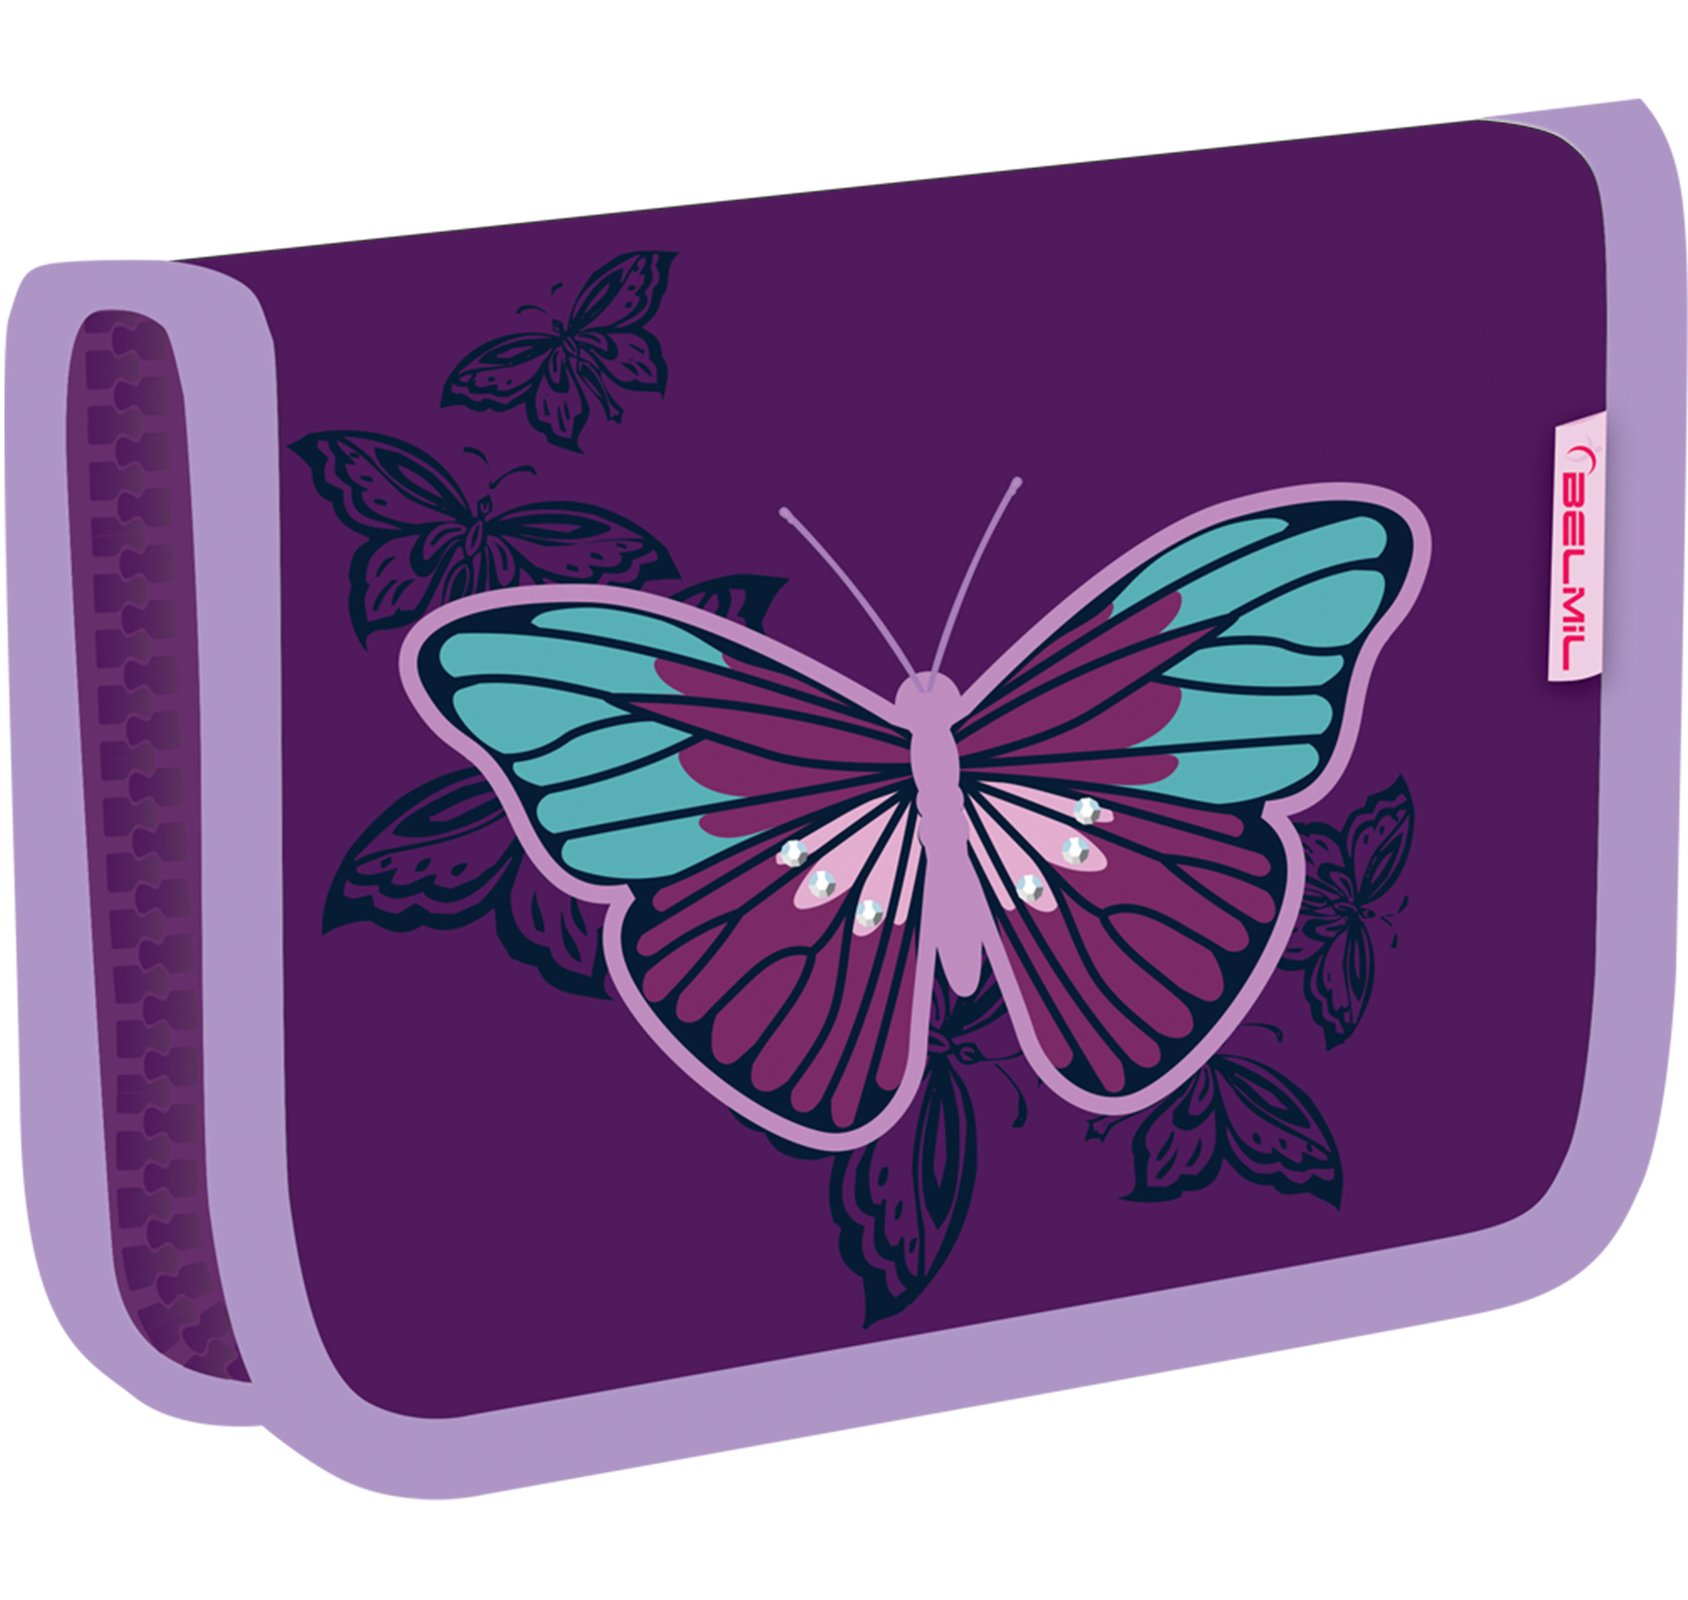 Школьный пенал для девочки Belmil с бабочкой 335 72 Butterfly, - фото 1